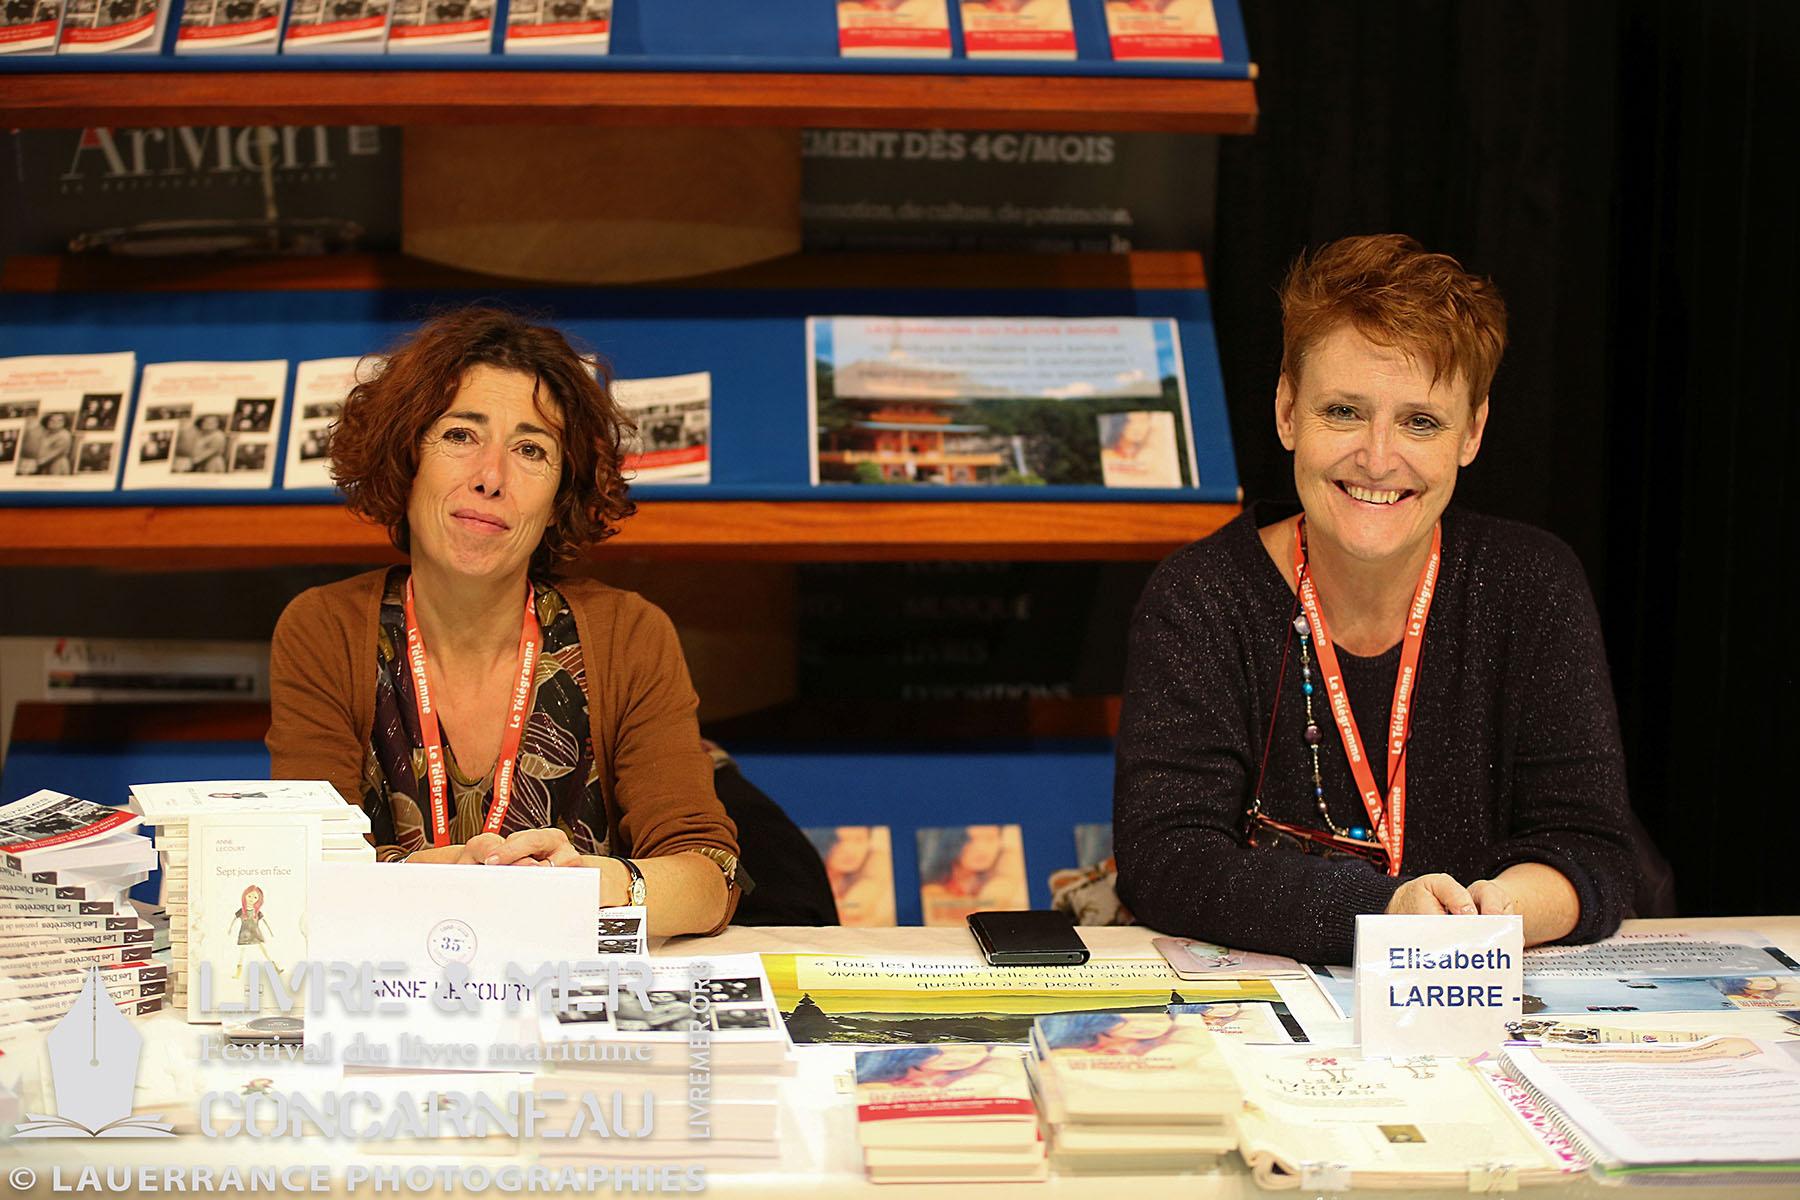 Anne Lecourt & Élisabeth Larbre © Lauerrance Photographies